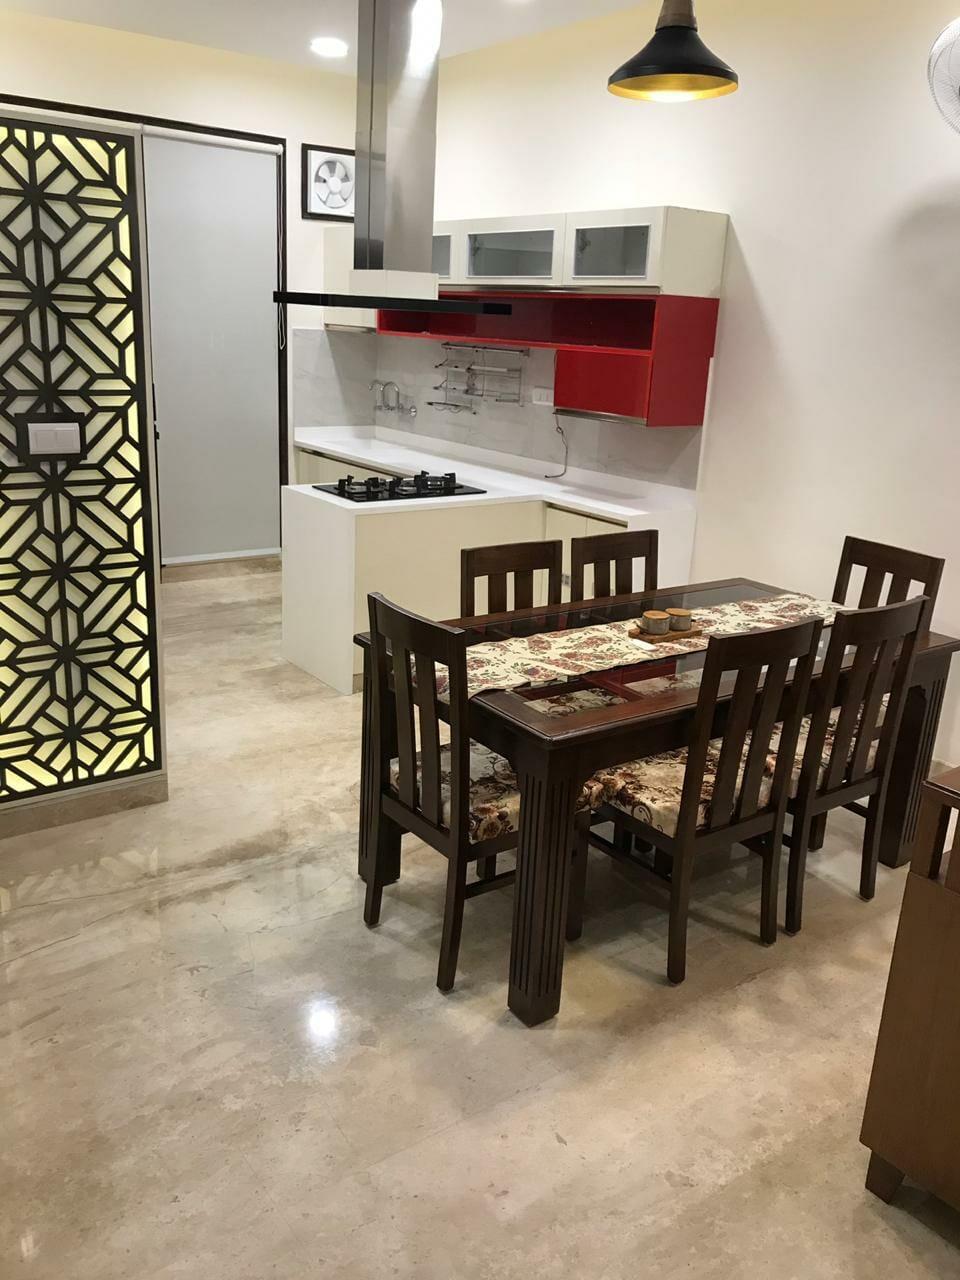 4 bhk Villa for Sale in Vaishali Nagar Jaipur (1)